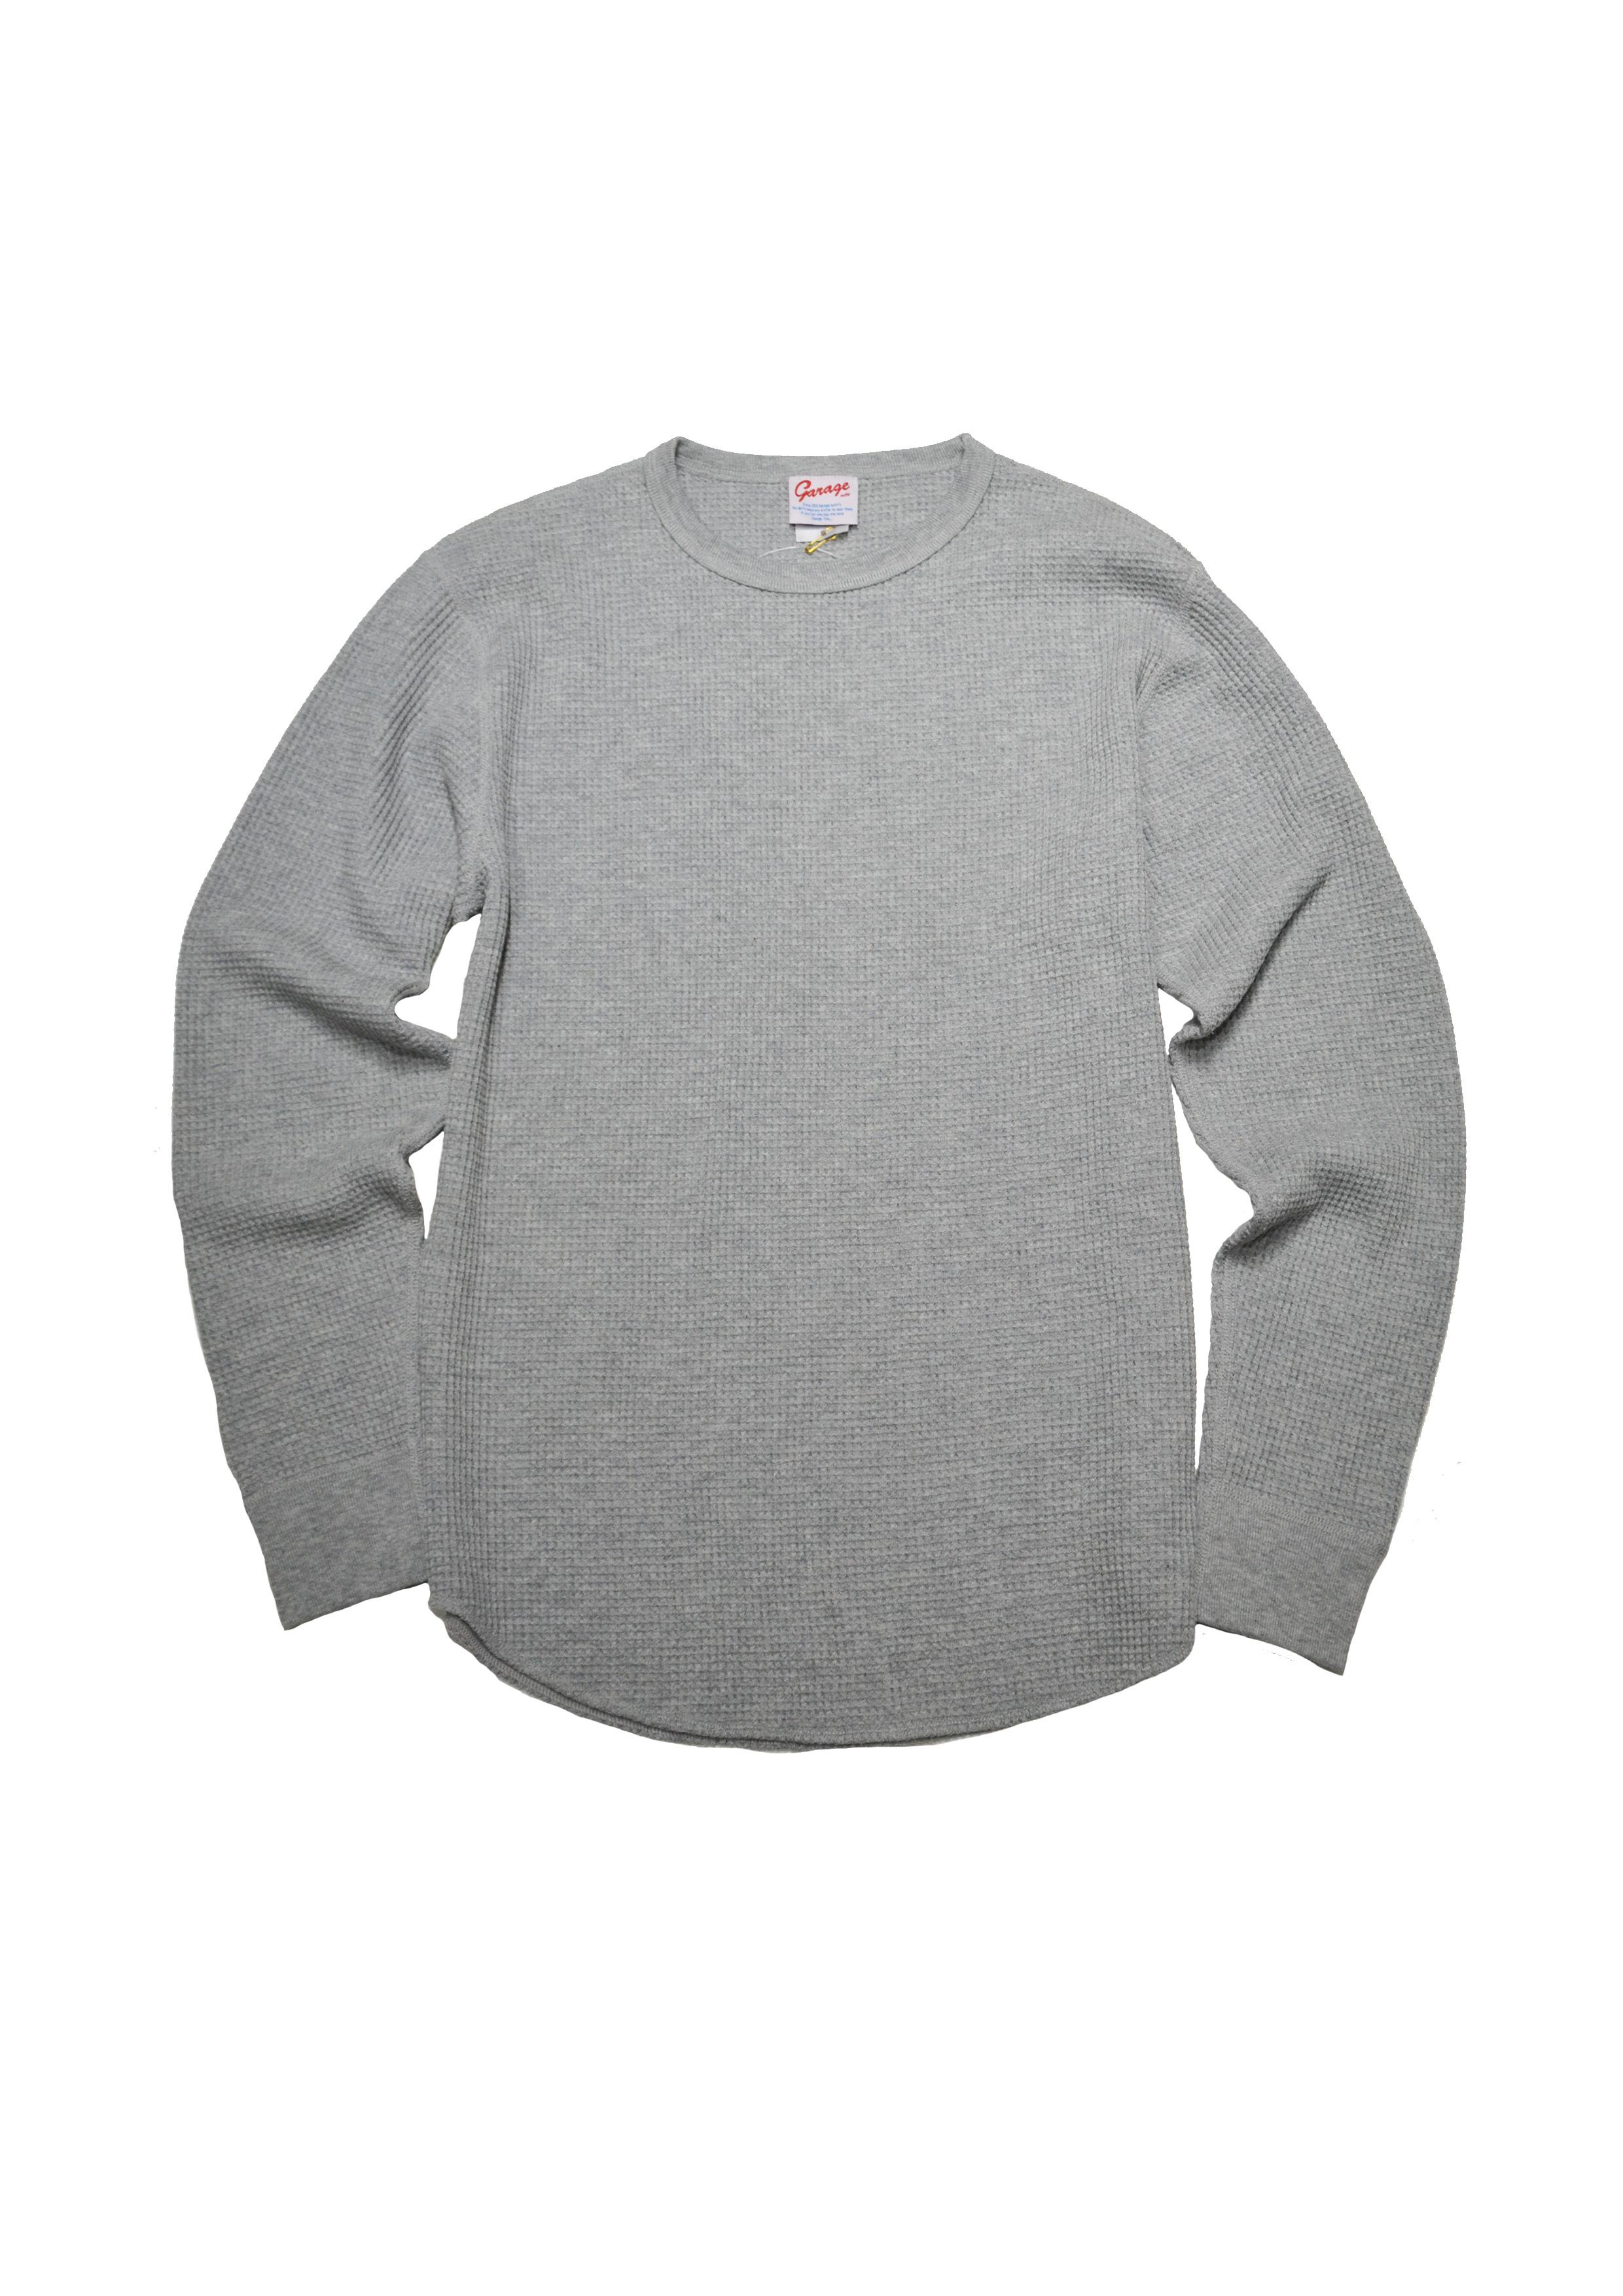 THERMAL shirts Gray